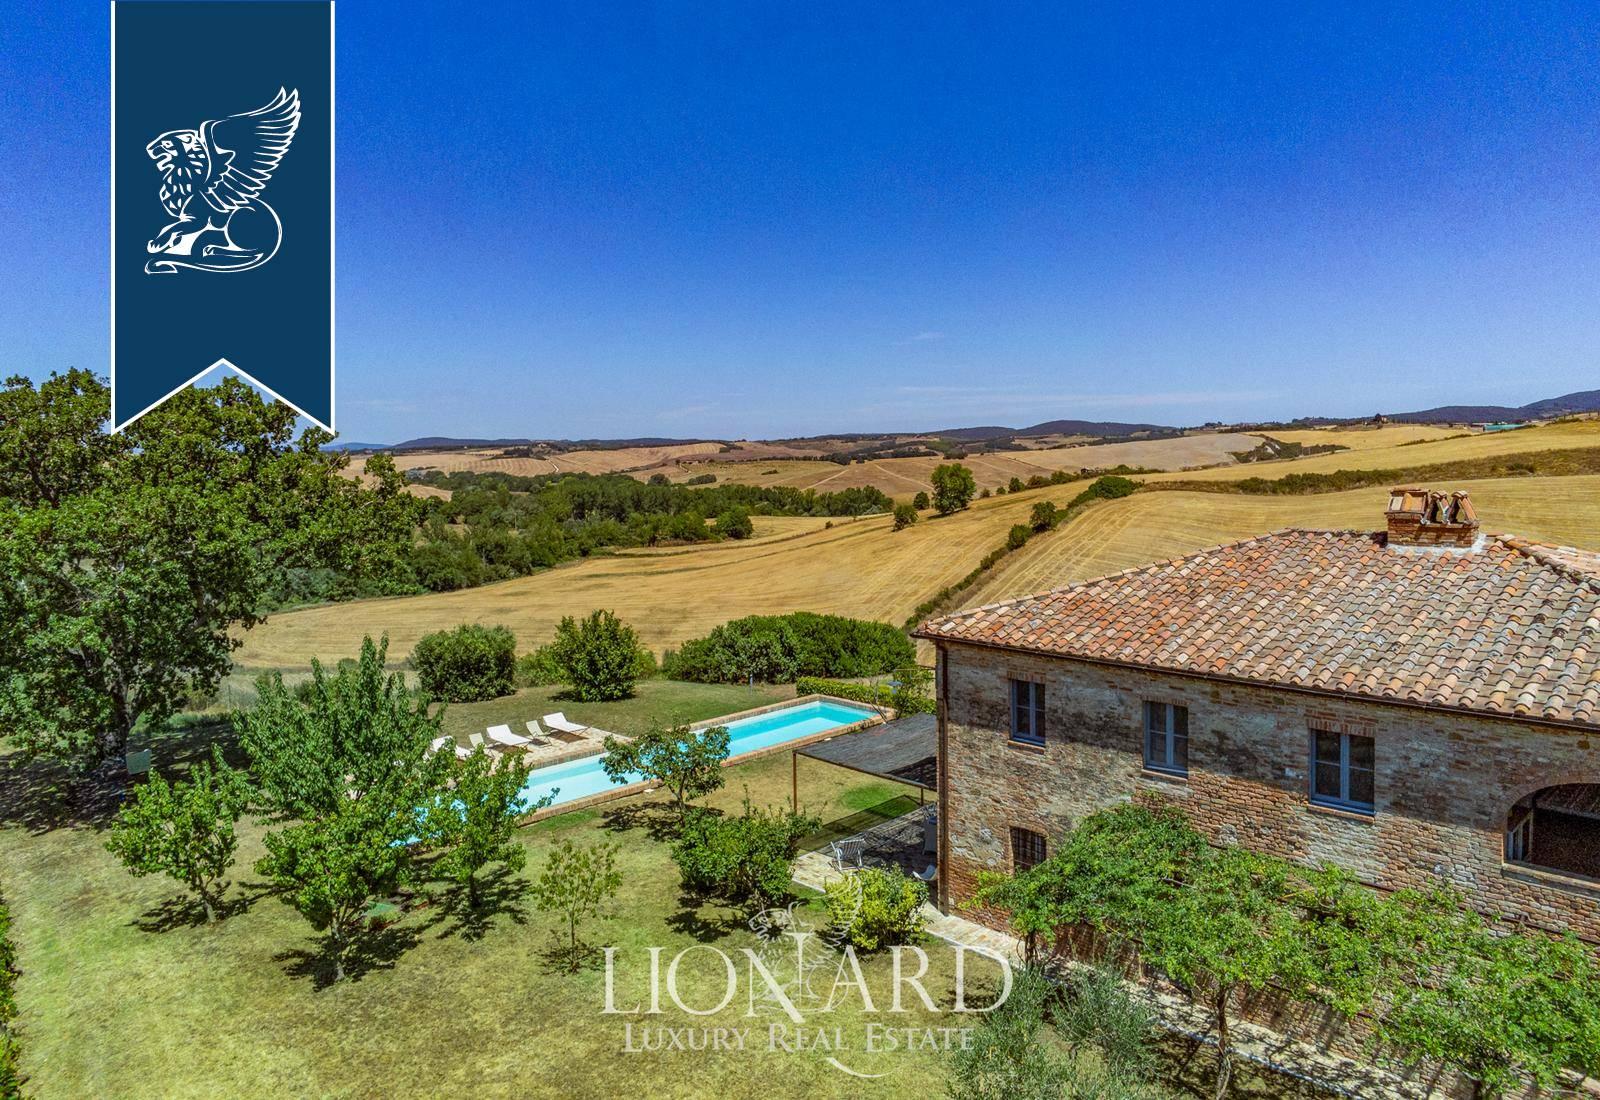 Azienda in Vendita a Montalcino: 0 locali, 1410 mq - Foto 7